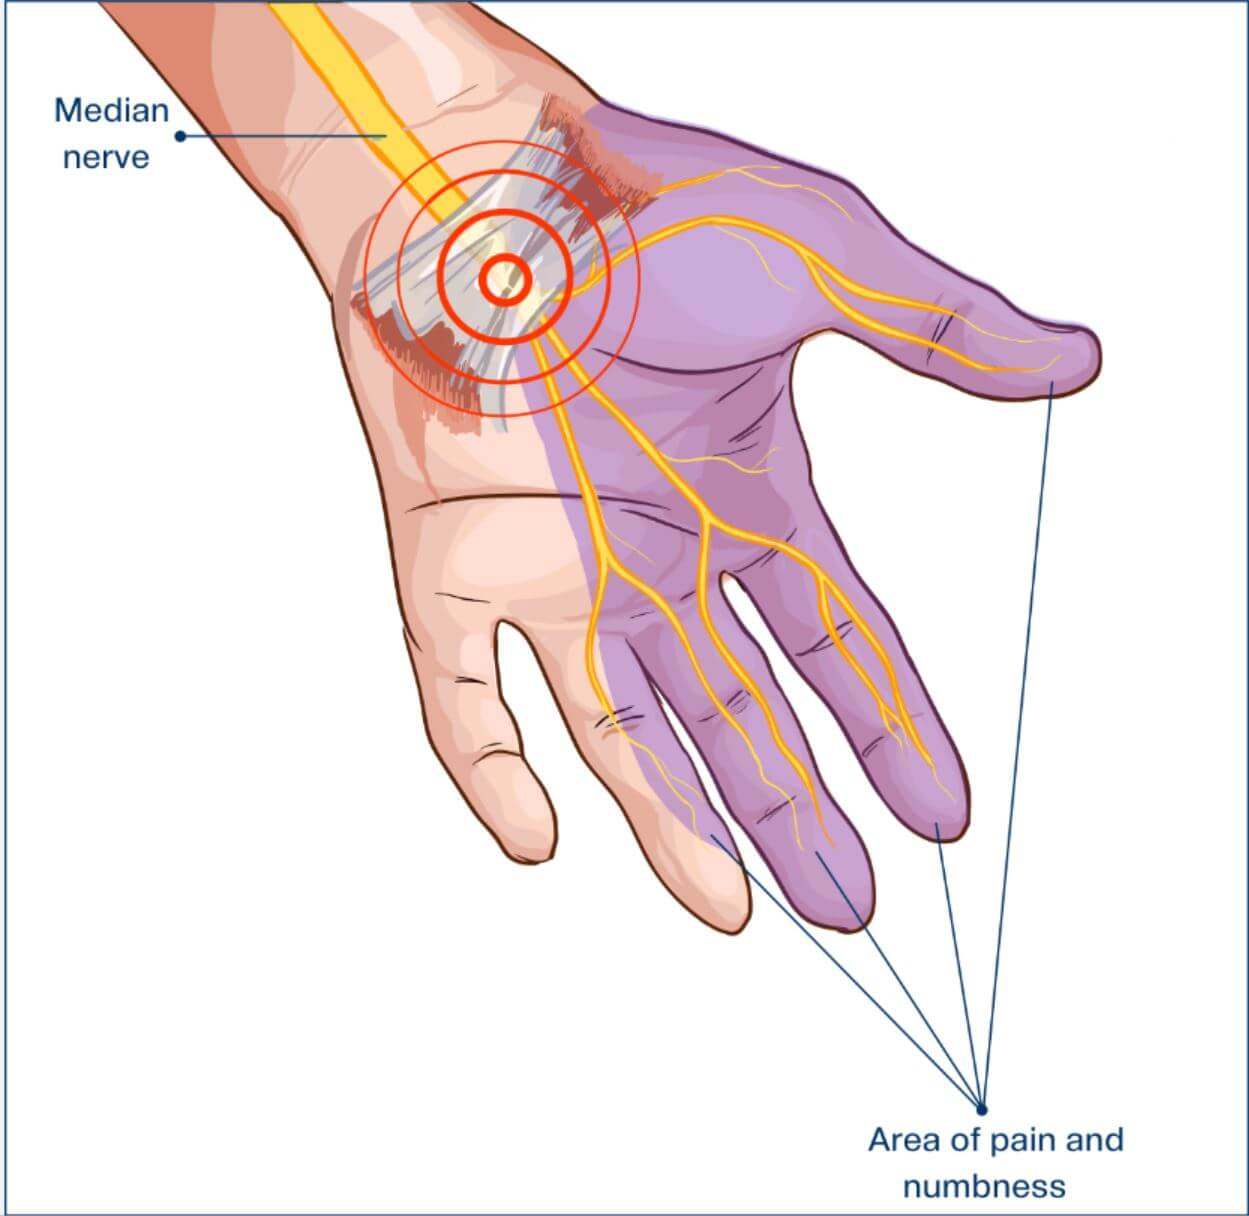 Los síntomas del síndrome del túnel carpiano se localizan en la parte baja del brazo principalmente.